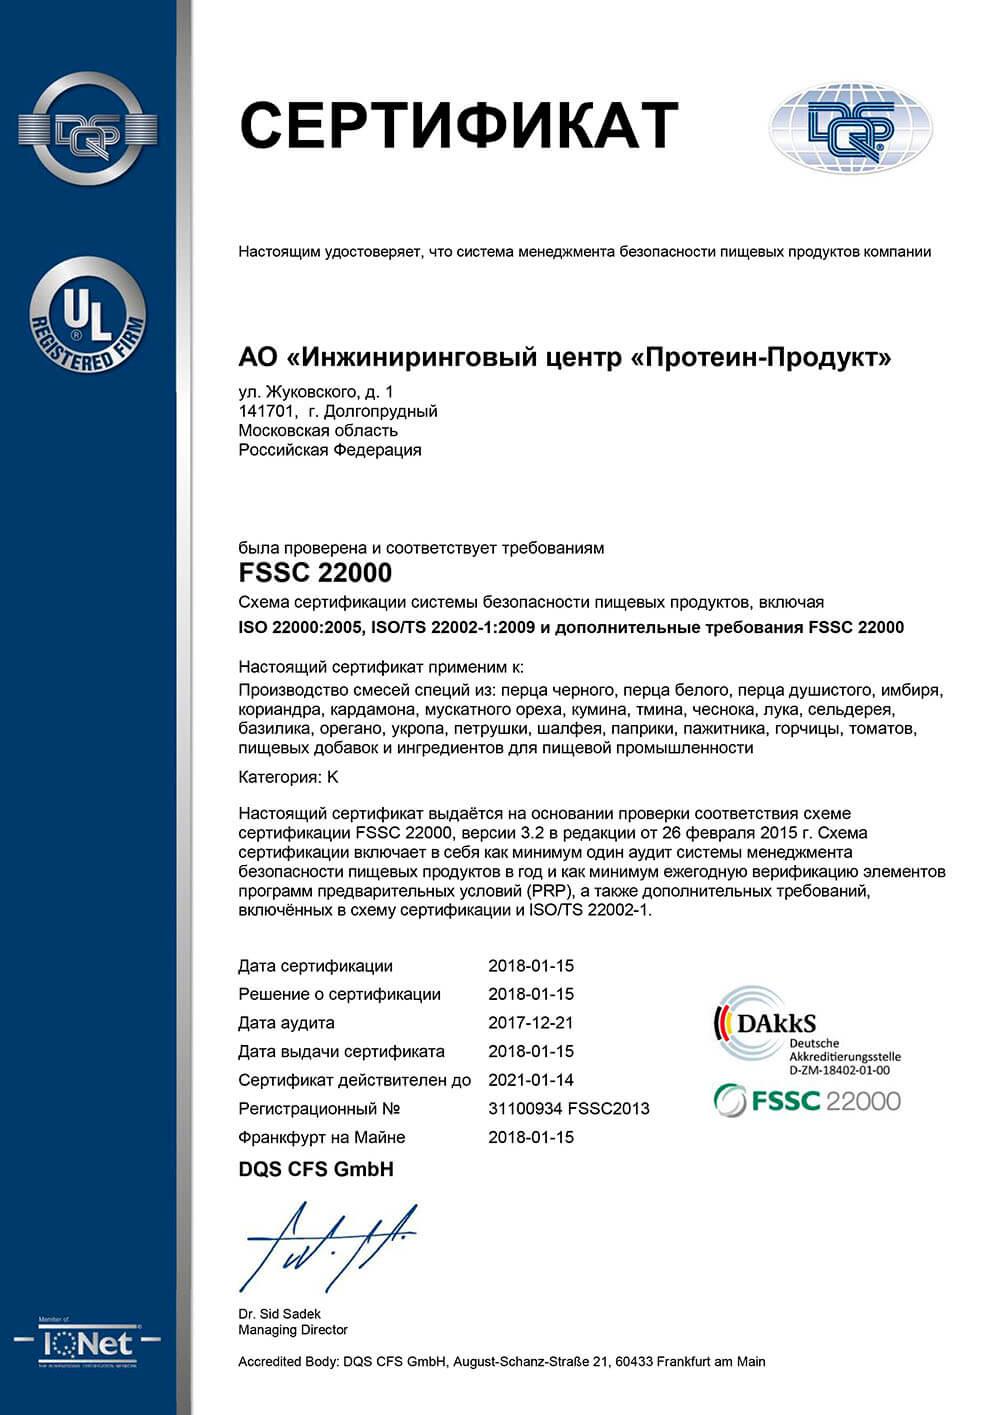 Наша компания получила сертификаты FSSC 22000 и ISO 22000 : 2005 | ЦИП